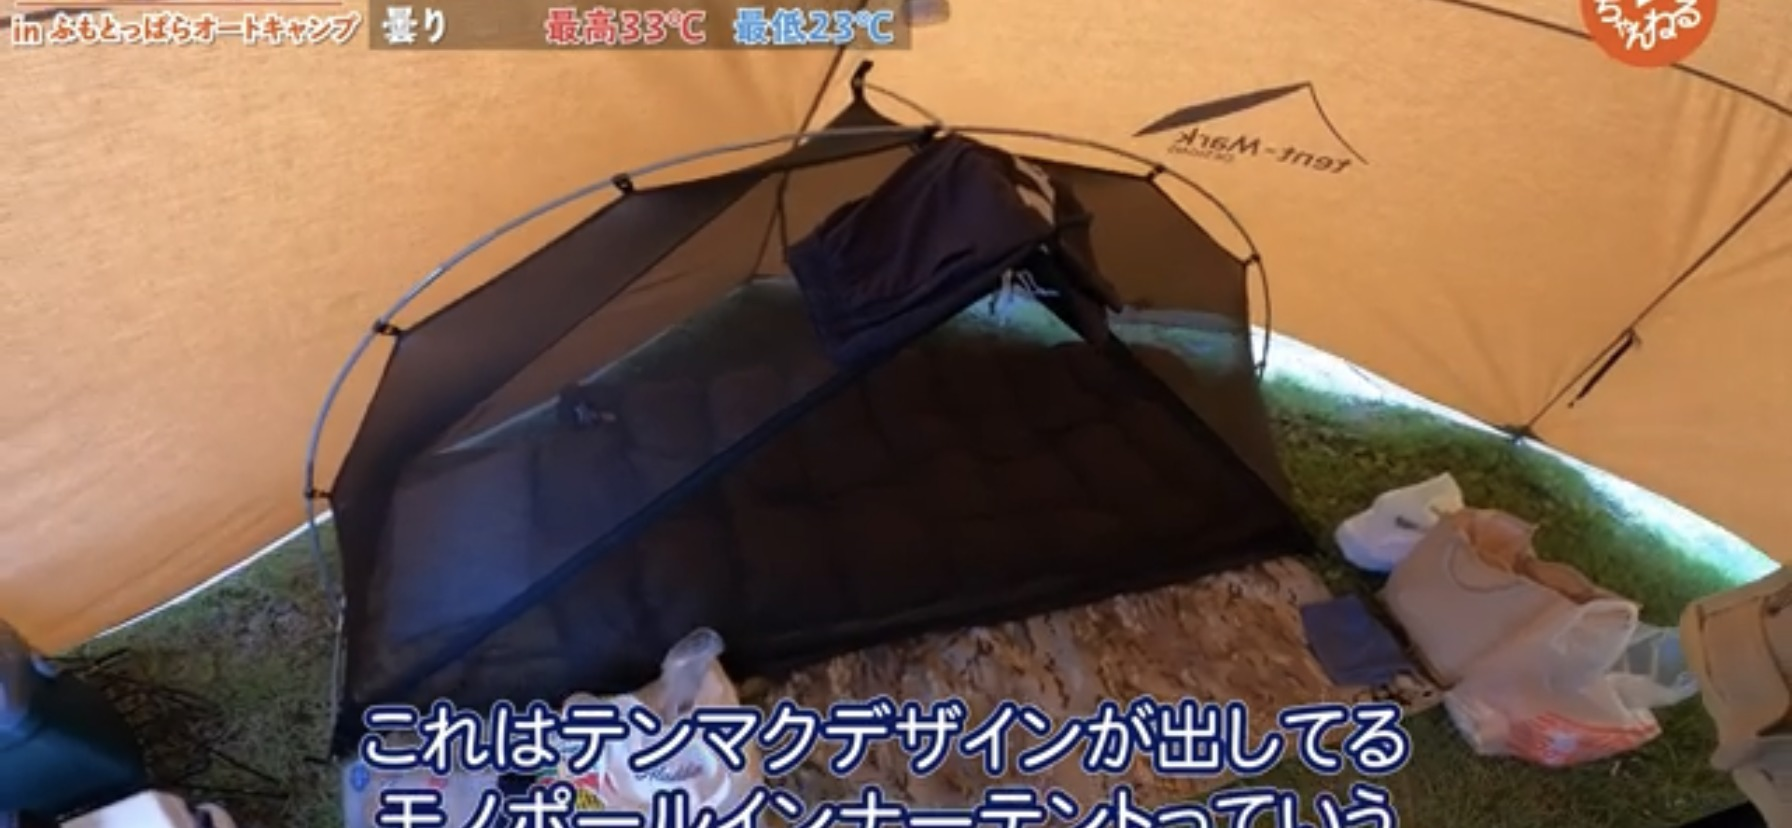 テント:【テンマクデザイン】モノポールテント